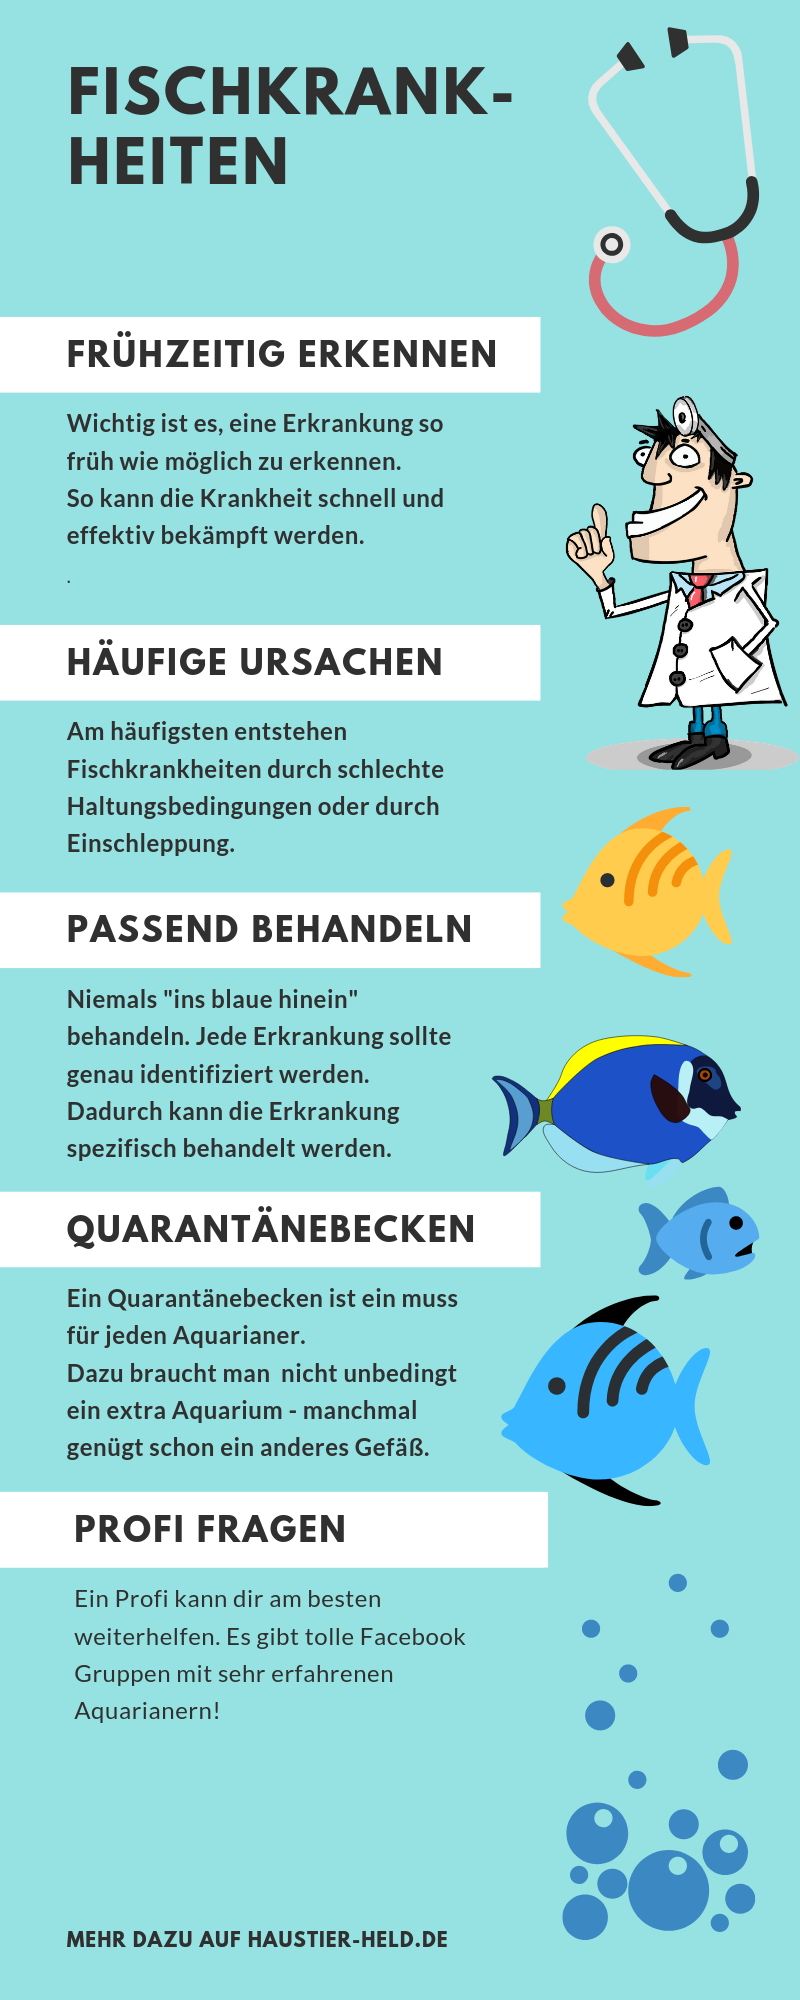 infografik für fischkrankheiten